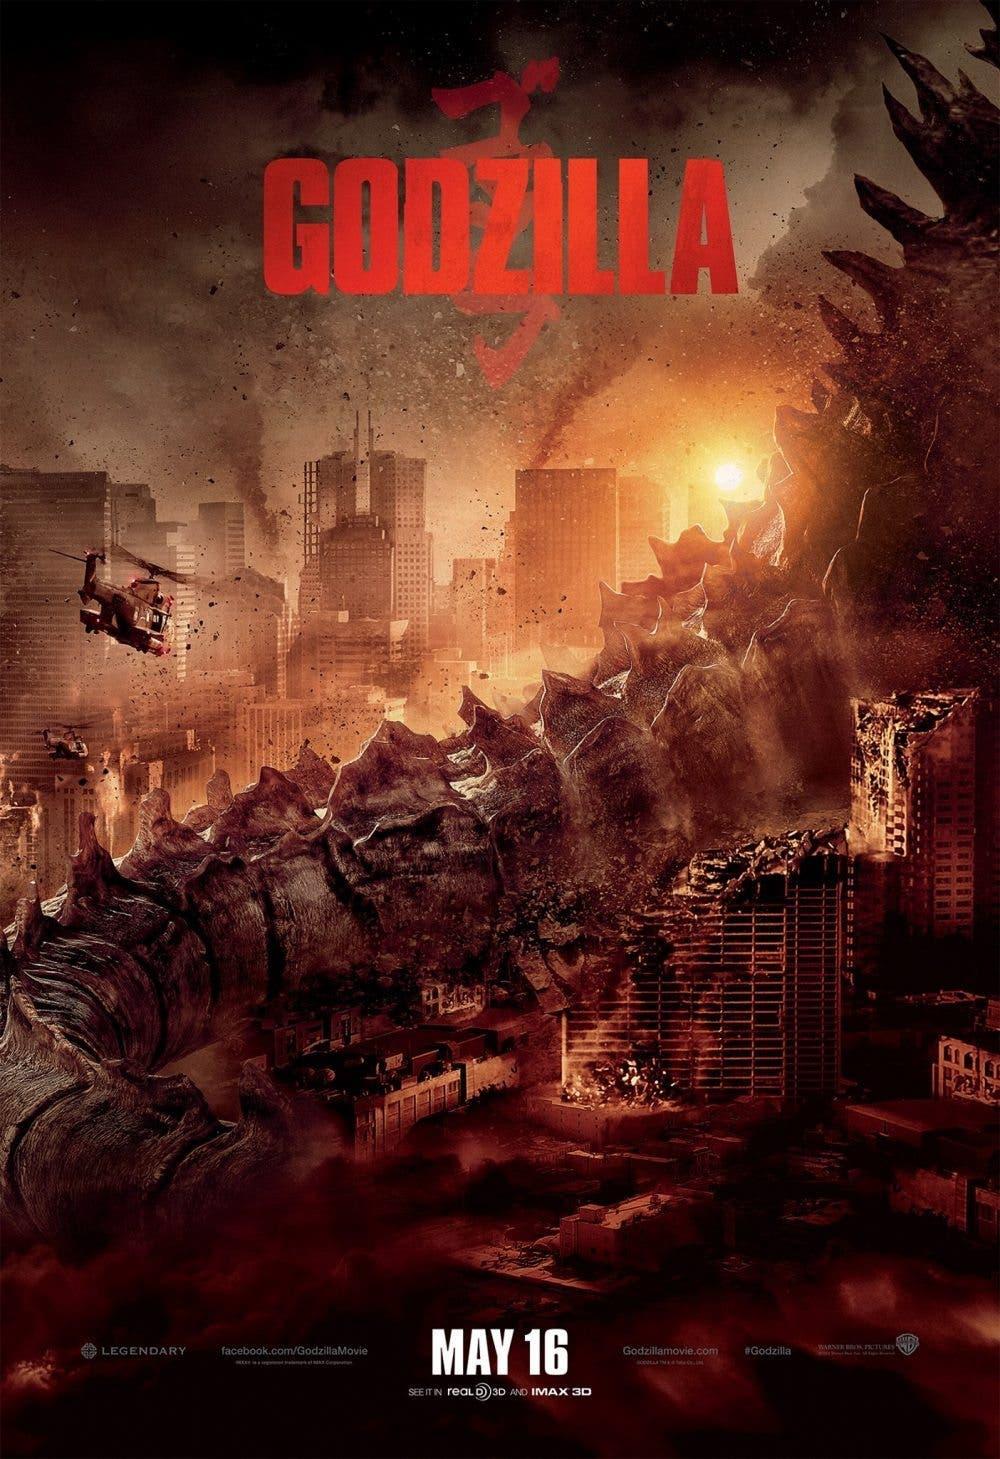 estrenos de cine 'Godzilla'